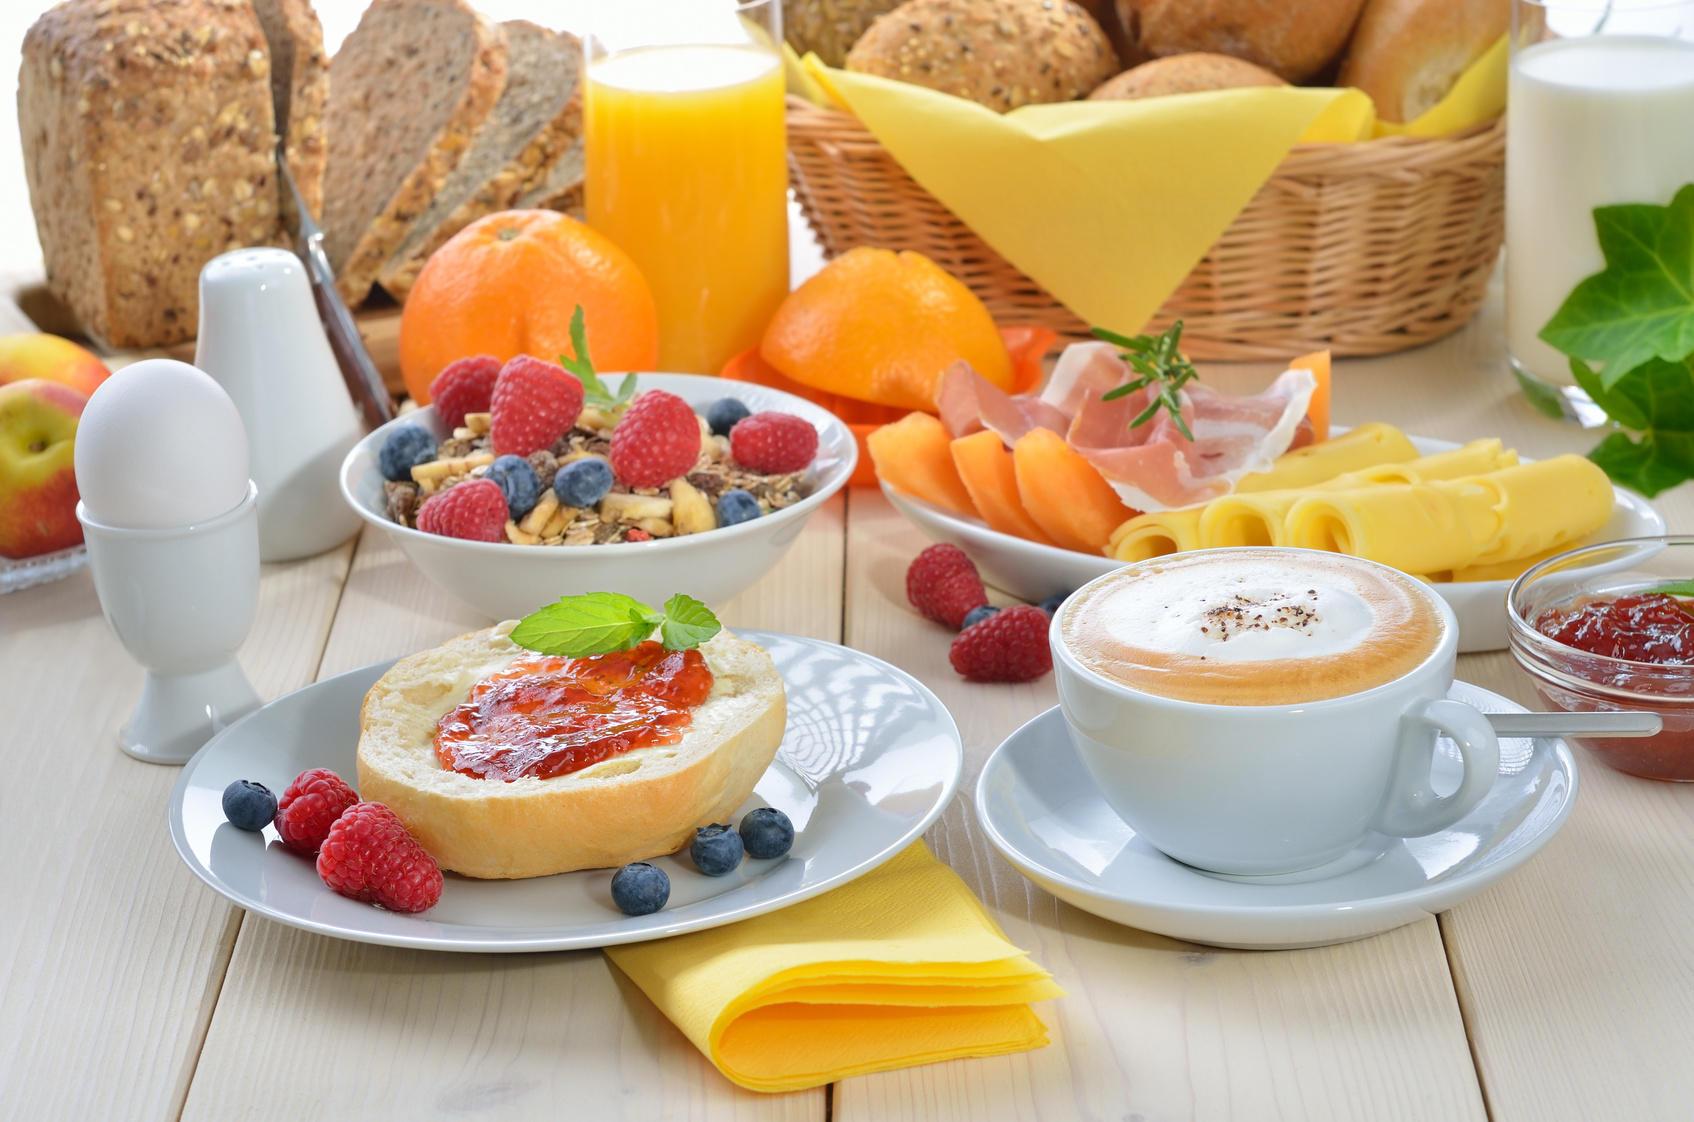 Frühstück im Ländervergleich